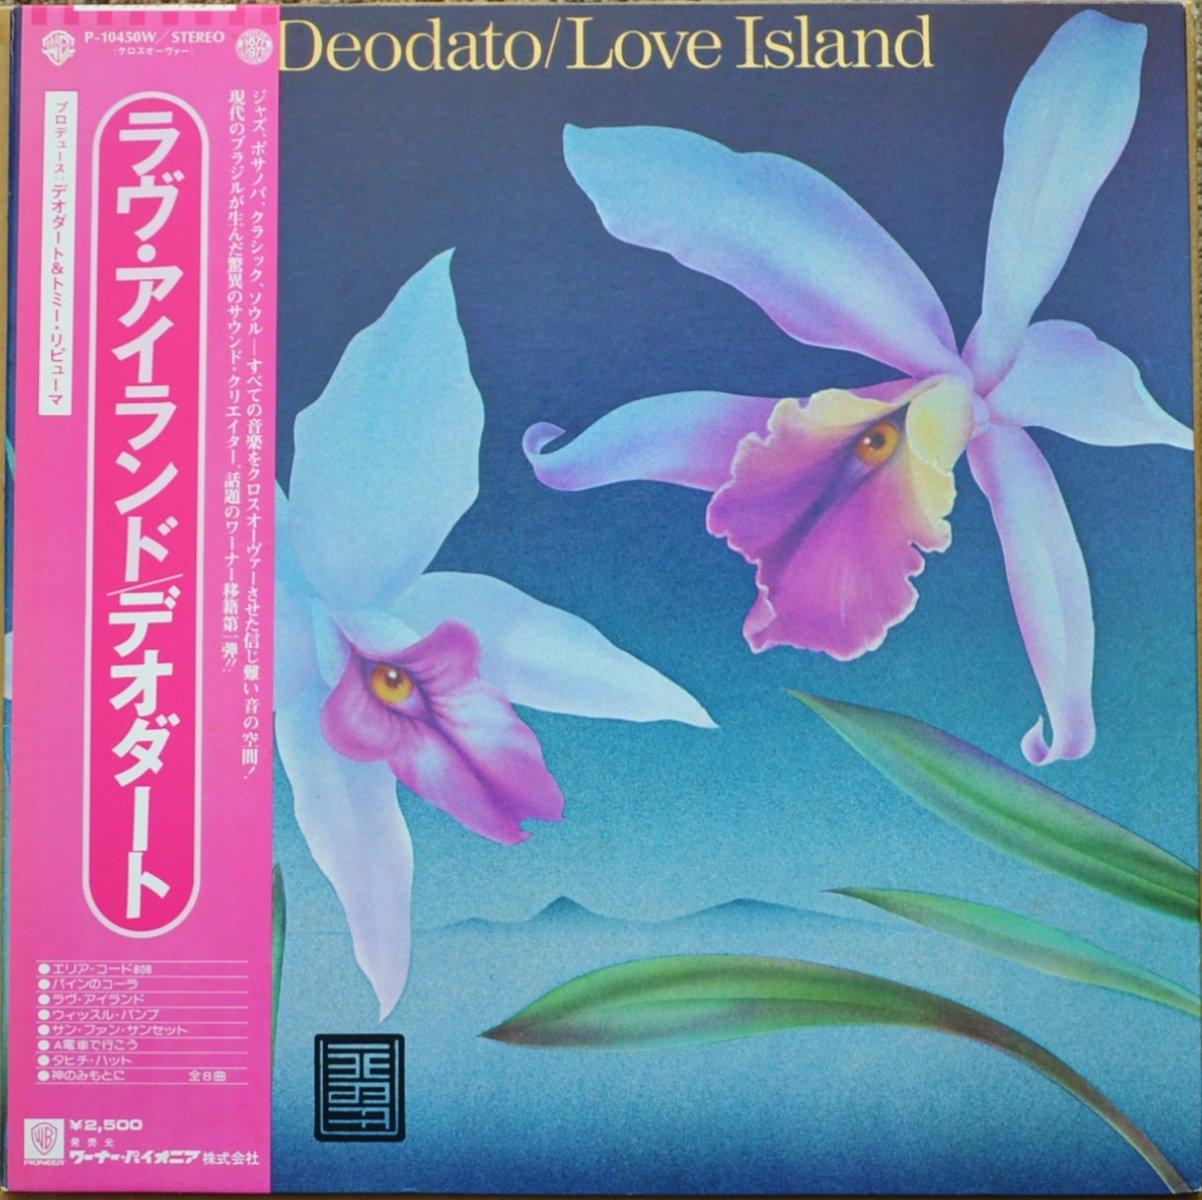 デオダート DEODATO / ラヴ・アイランド LOVE ISLAND (LP)